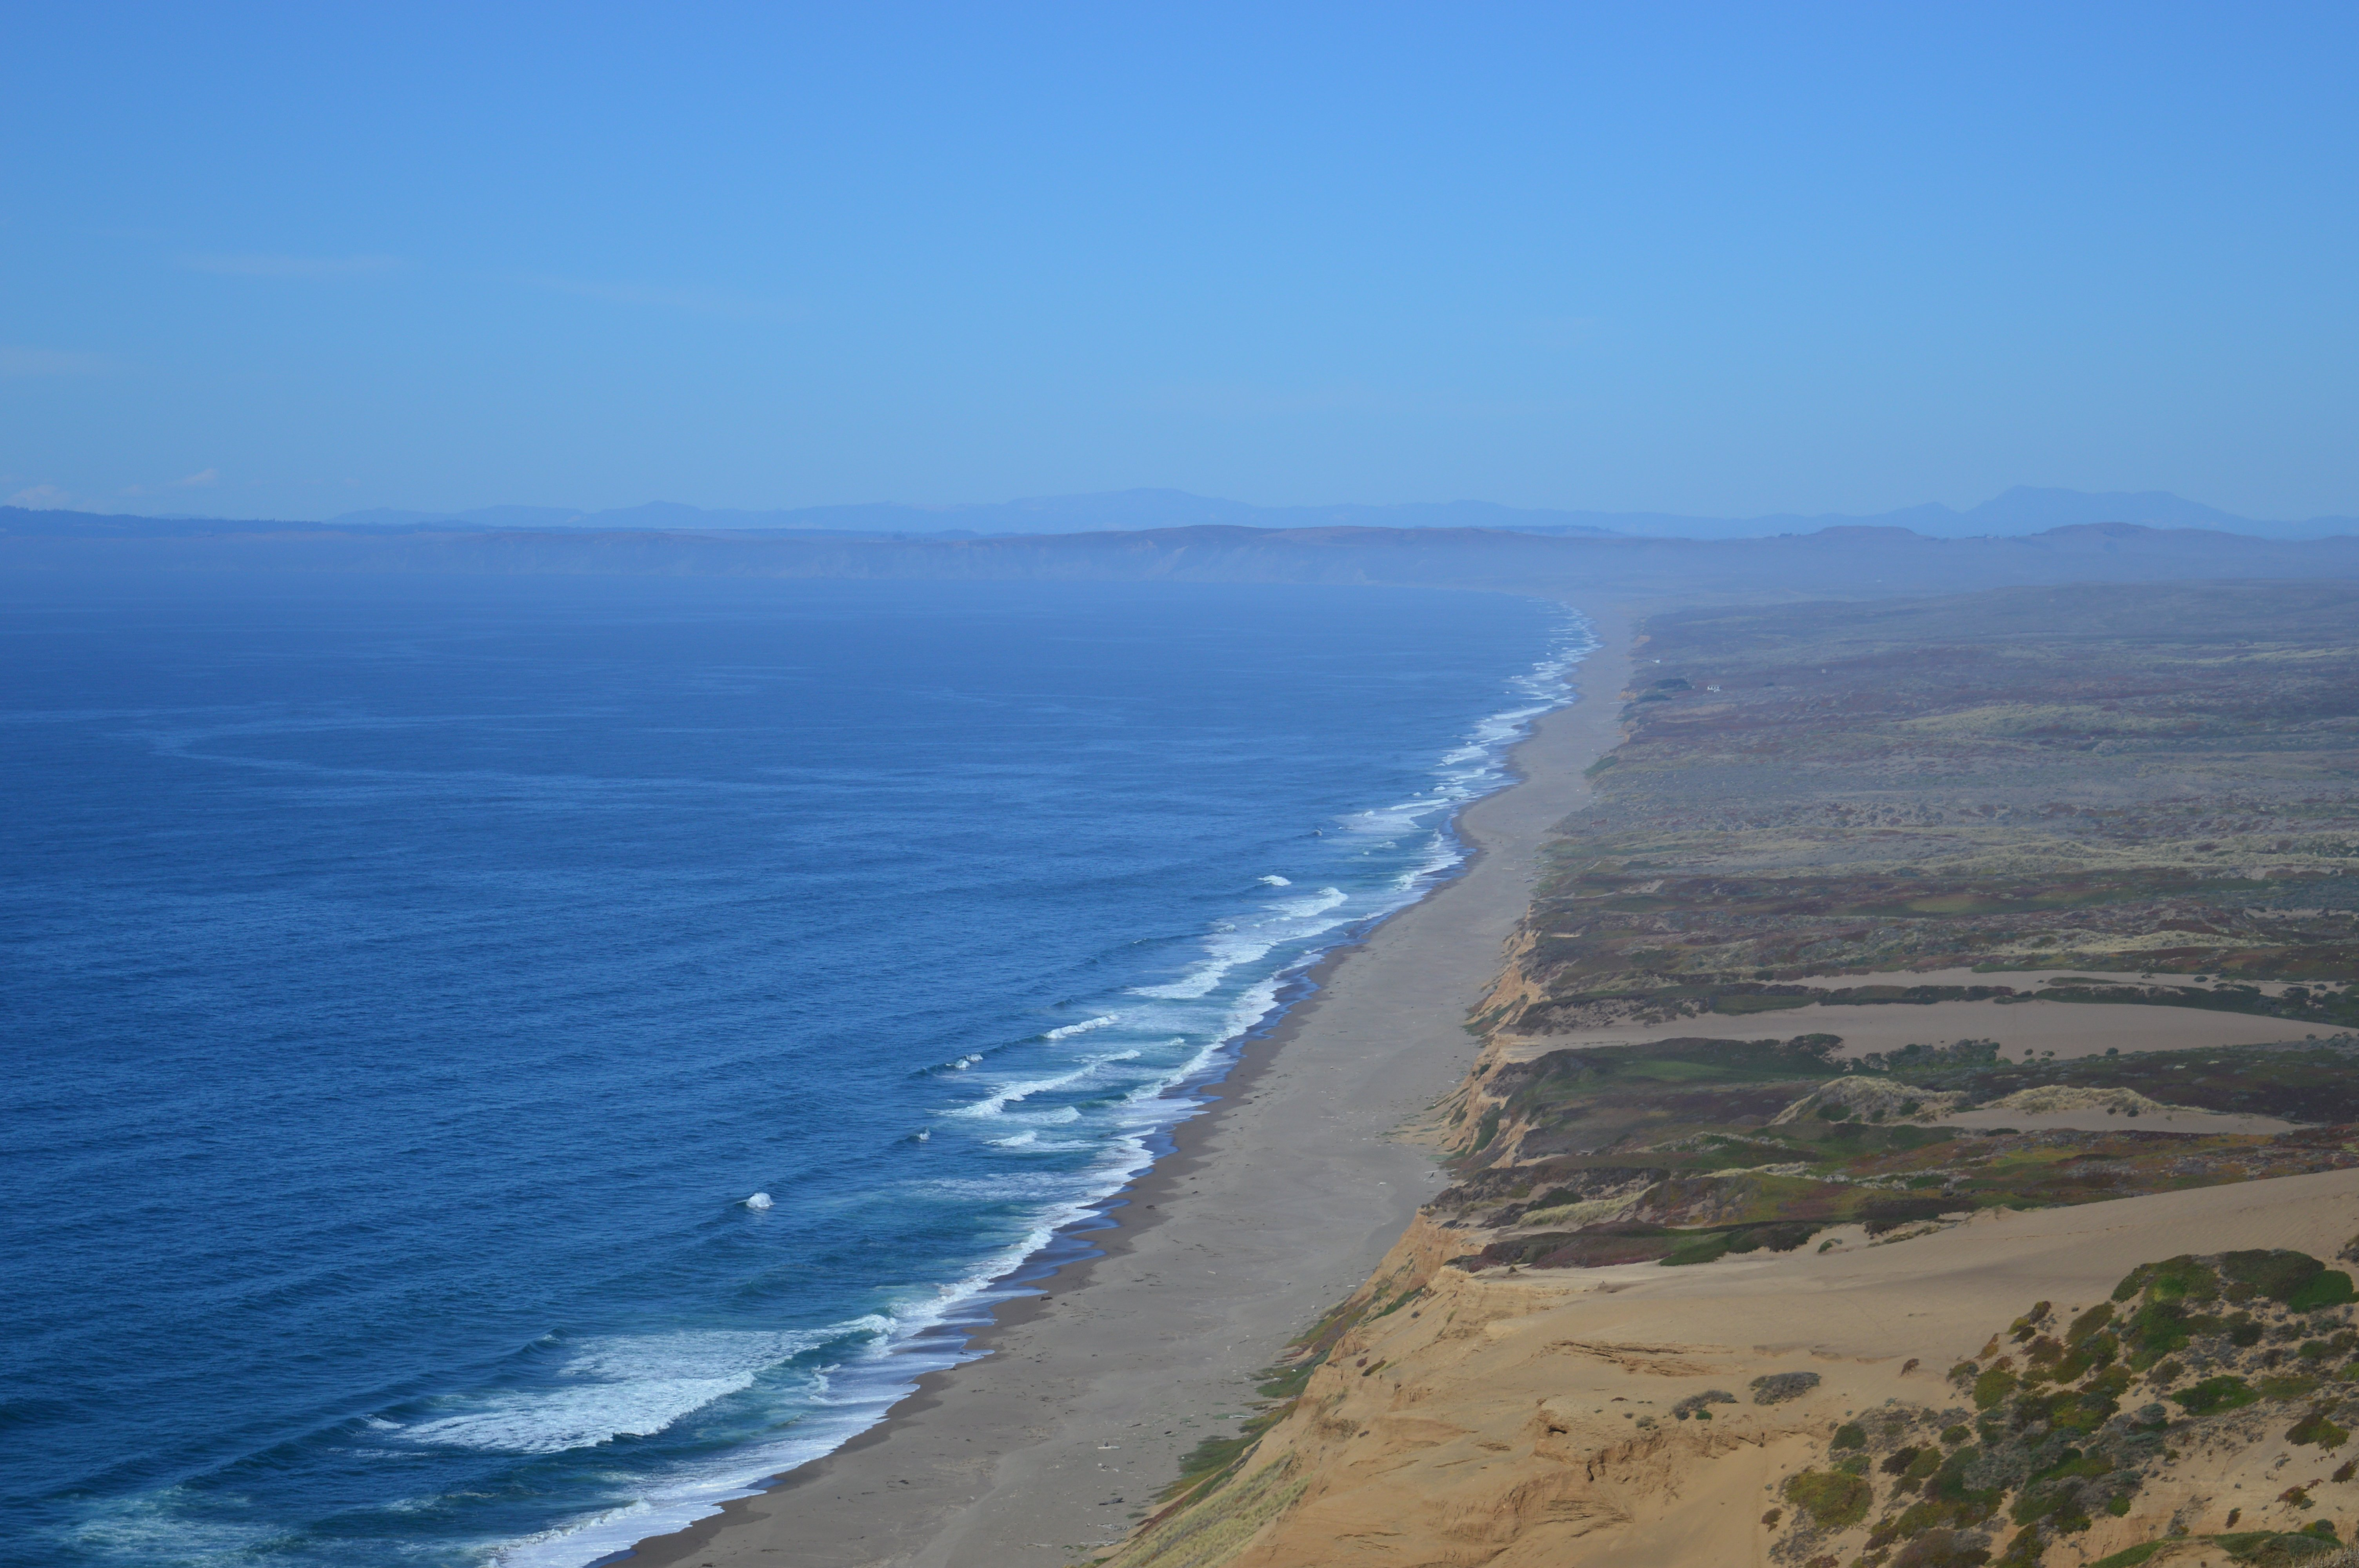 Point Reyes. Calafiana